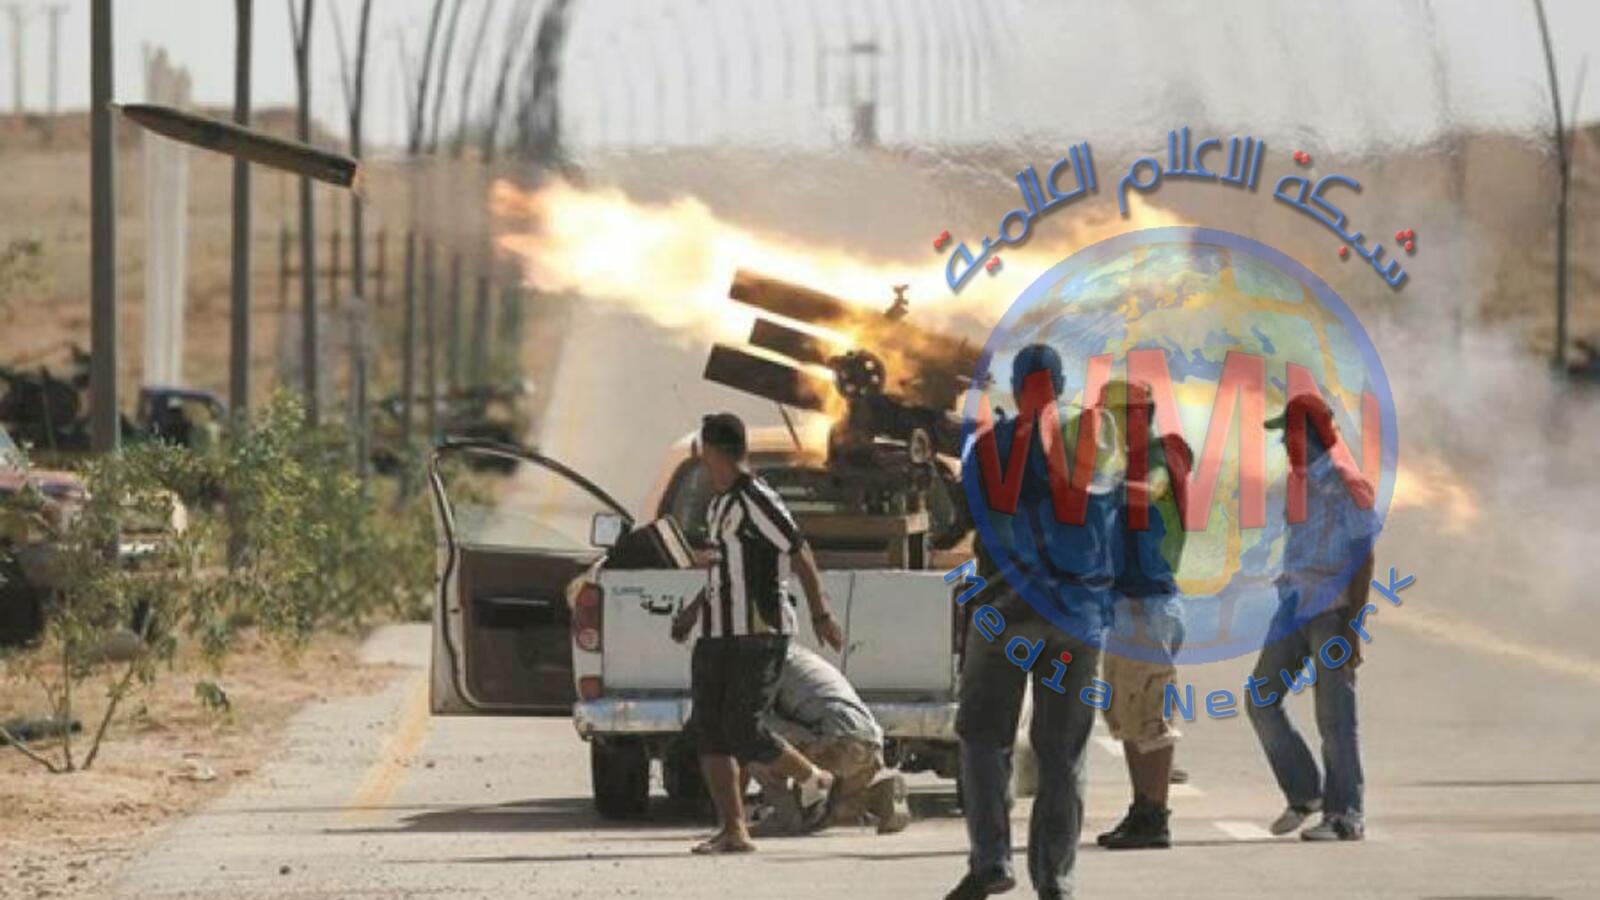 قوات حكومة طرابلس تتصدى لمليشيات حفتر في حرب شوارع